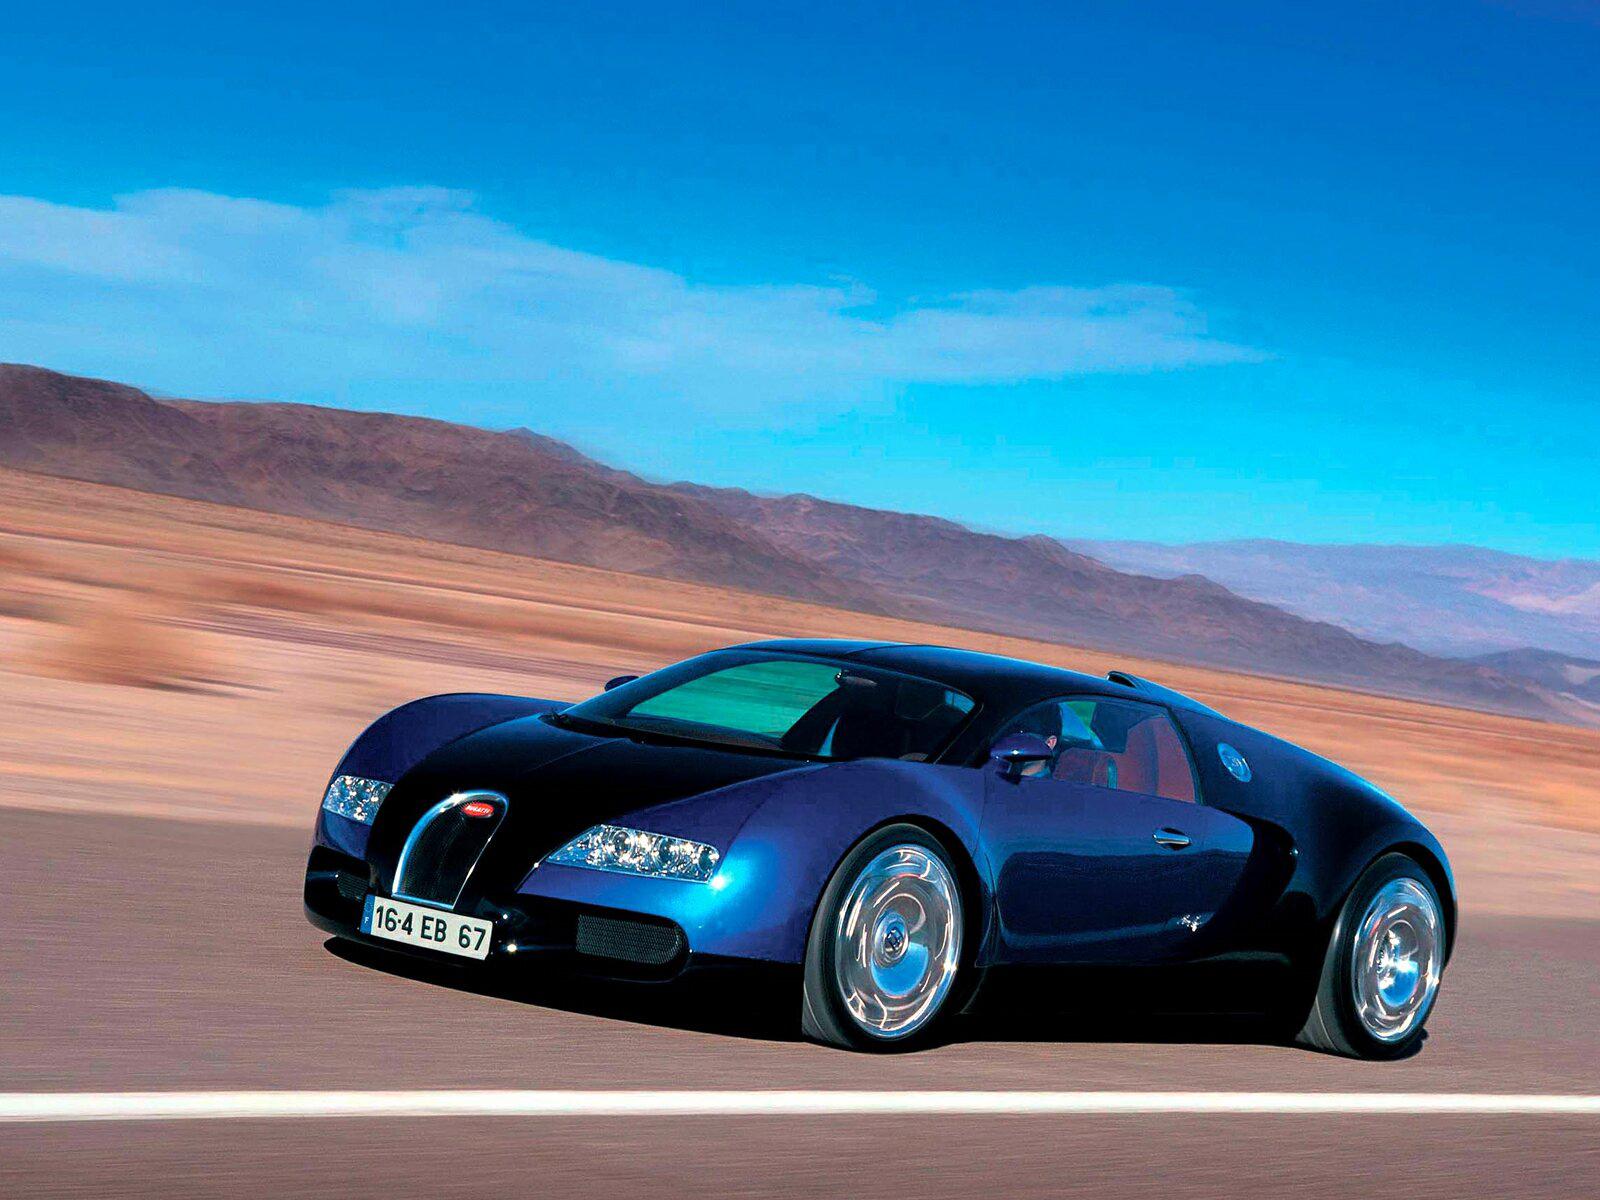 bugatti veyron bugatti veyron au dessus de la barre des 400 km h. Black Bedroom Furniture Sets. Home Design Ideas